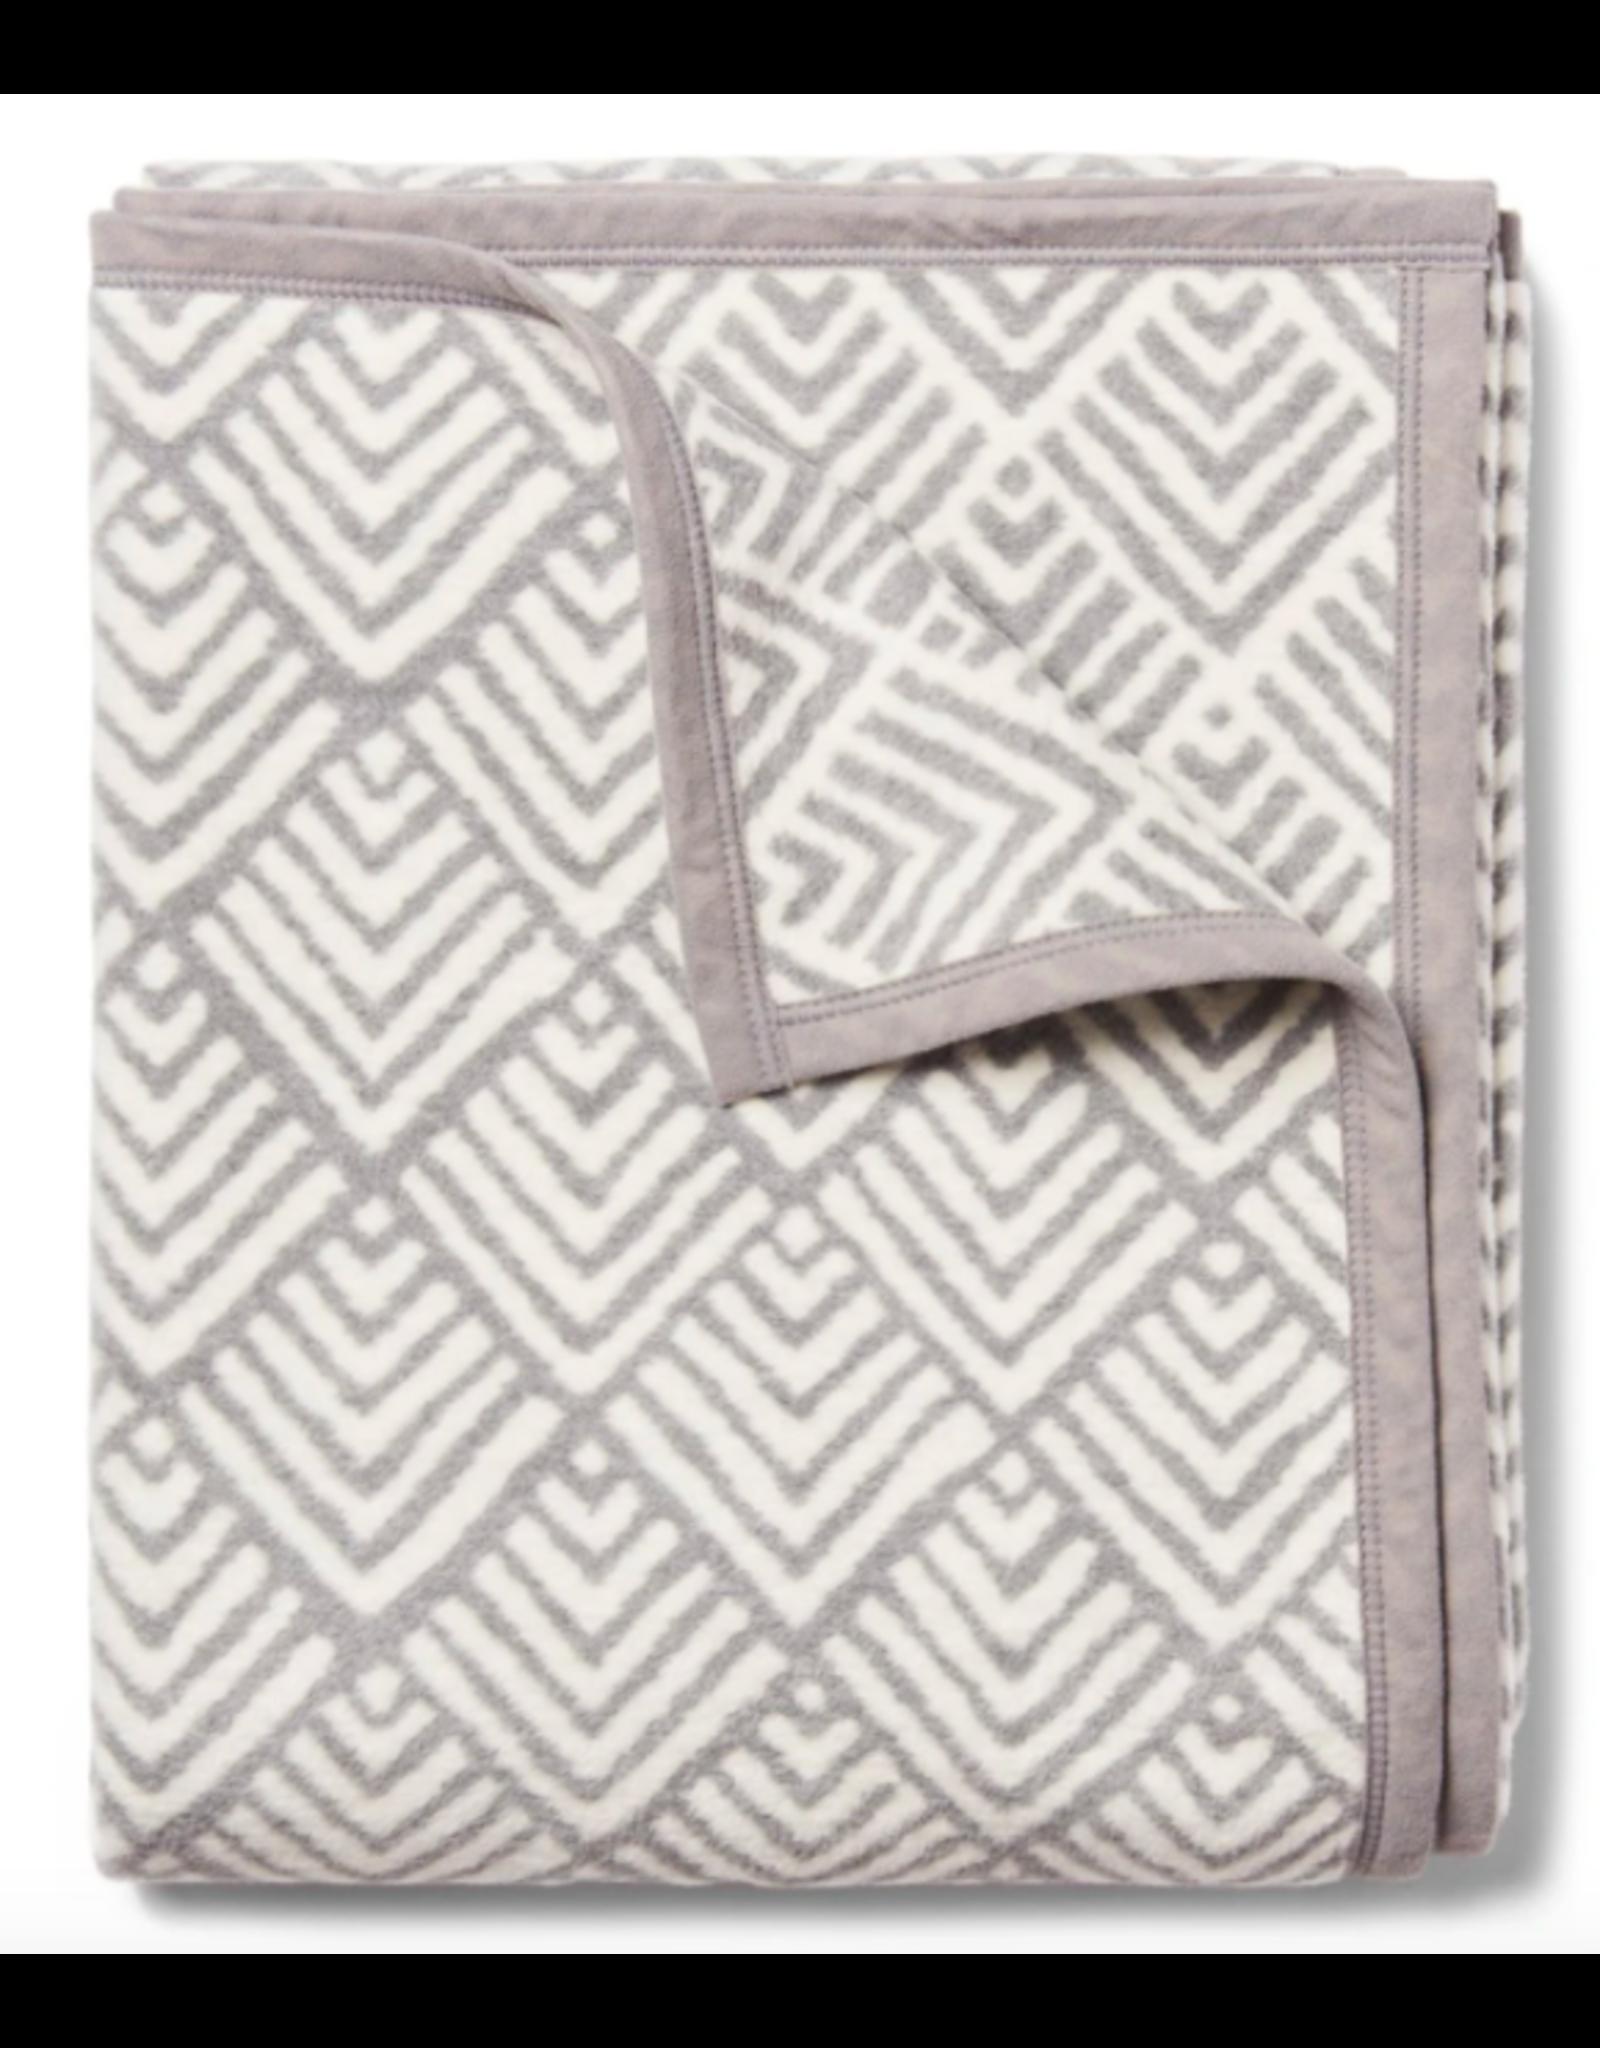 ChappyWrap Oyster Cove Diamonds in Grey Blanket by ChappyWrap